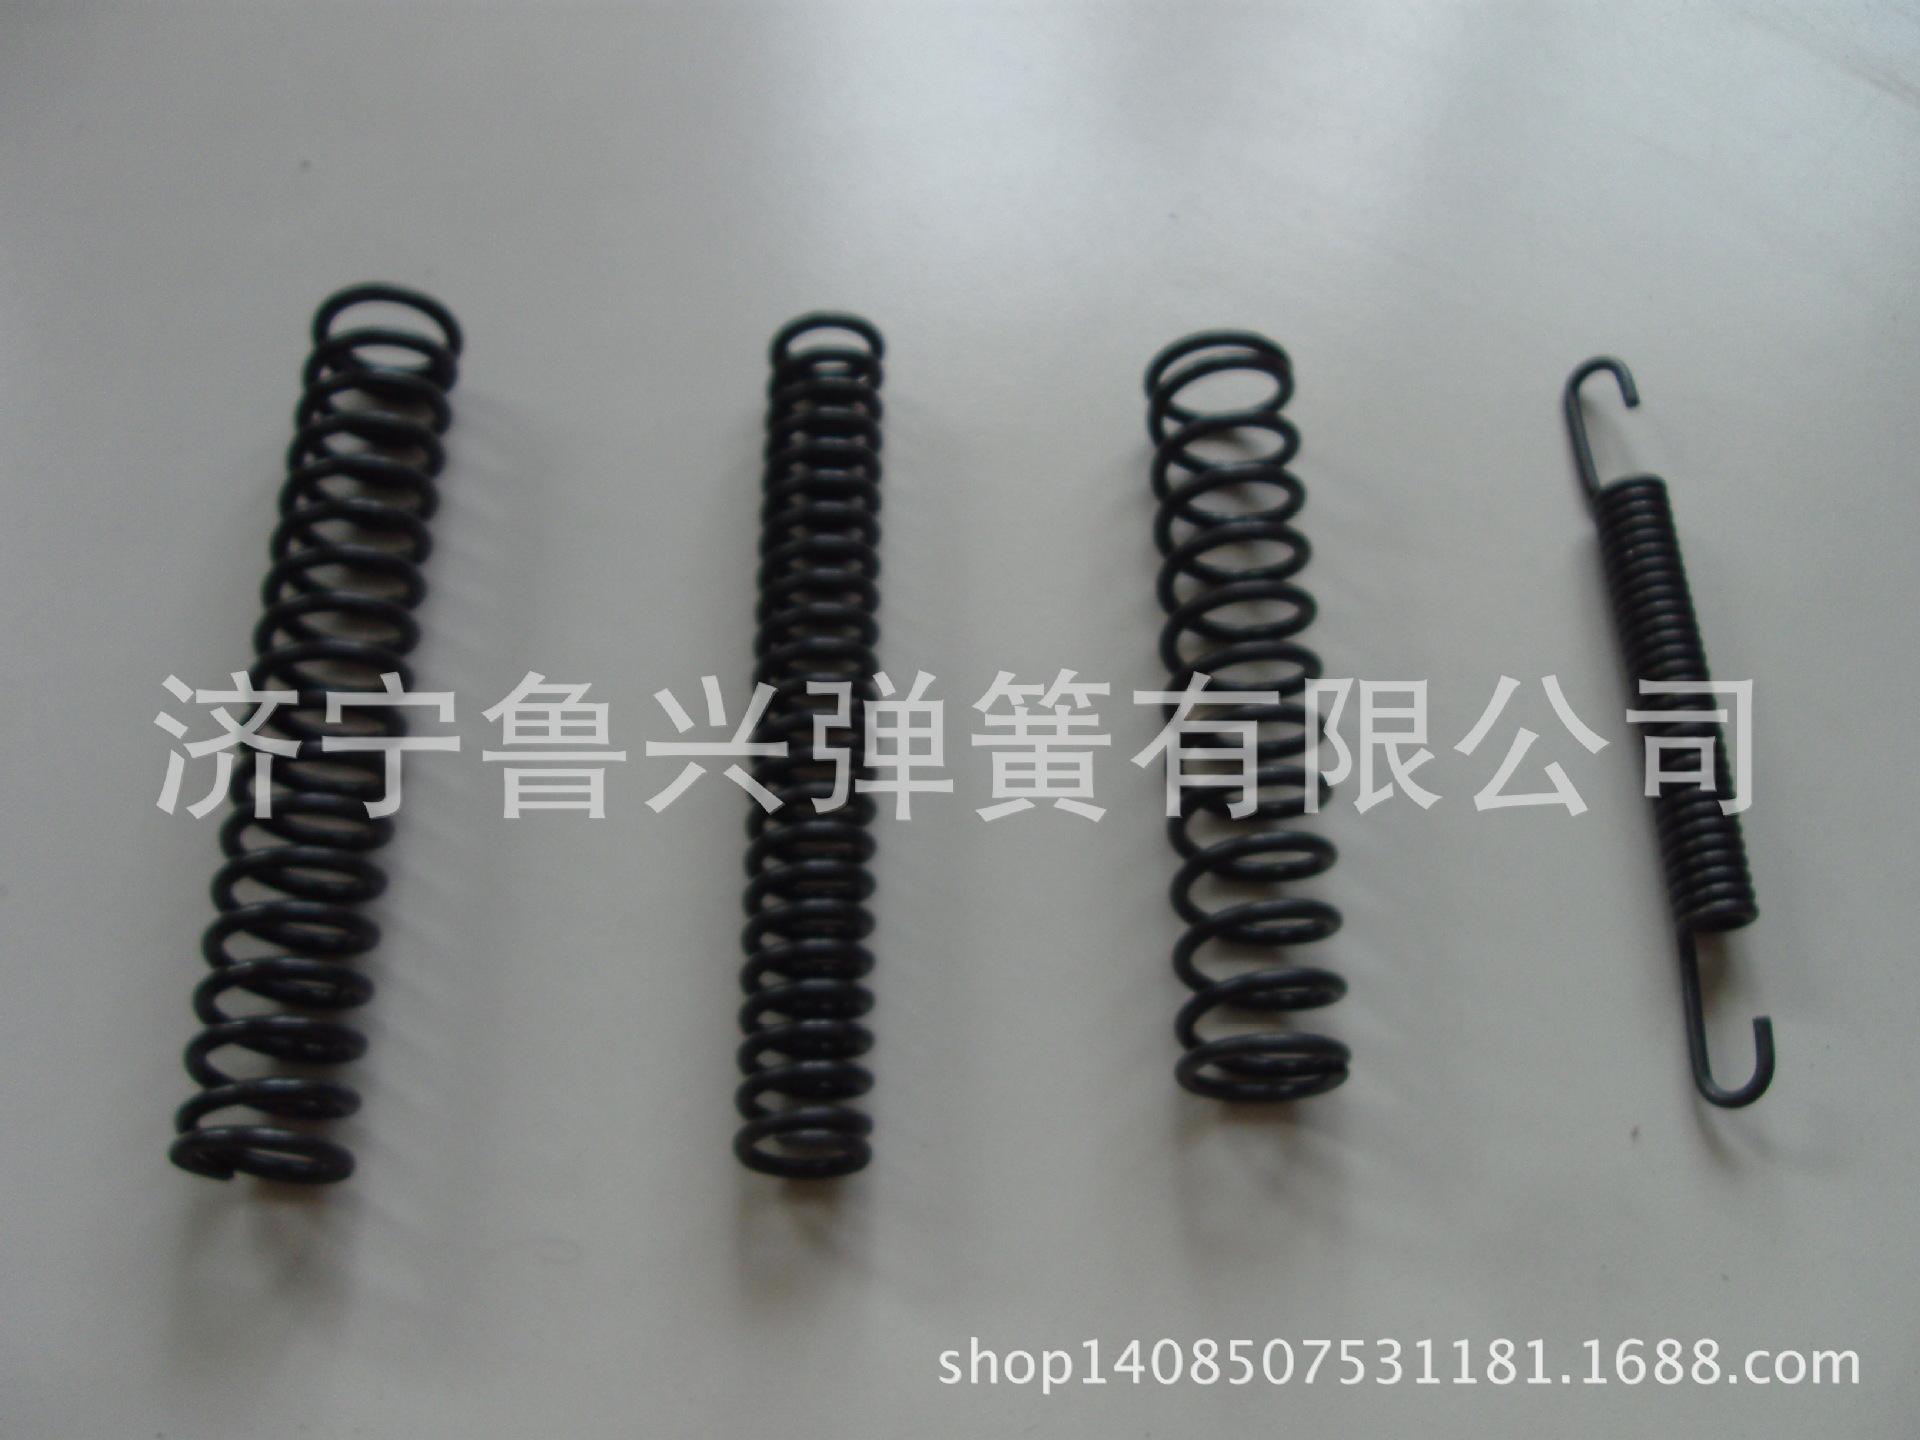 生产销售 大型减震压簧 不锈钢弹簧 五金压缩弹簧 济宁鲁兴